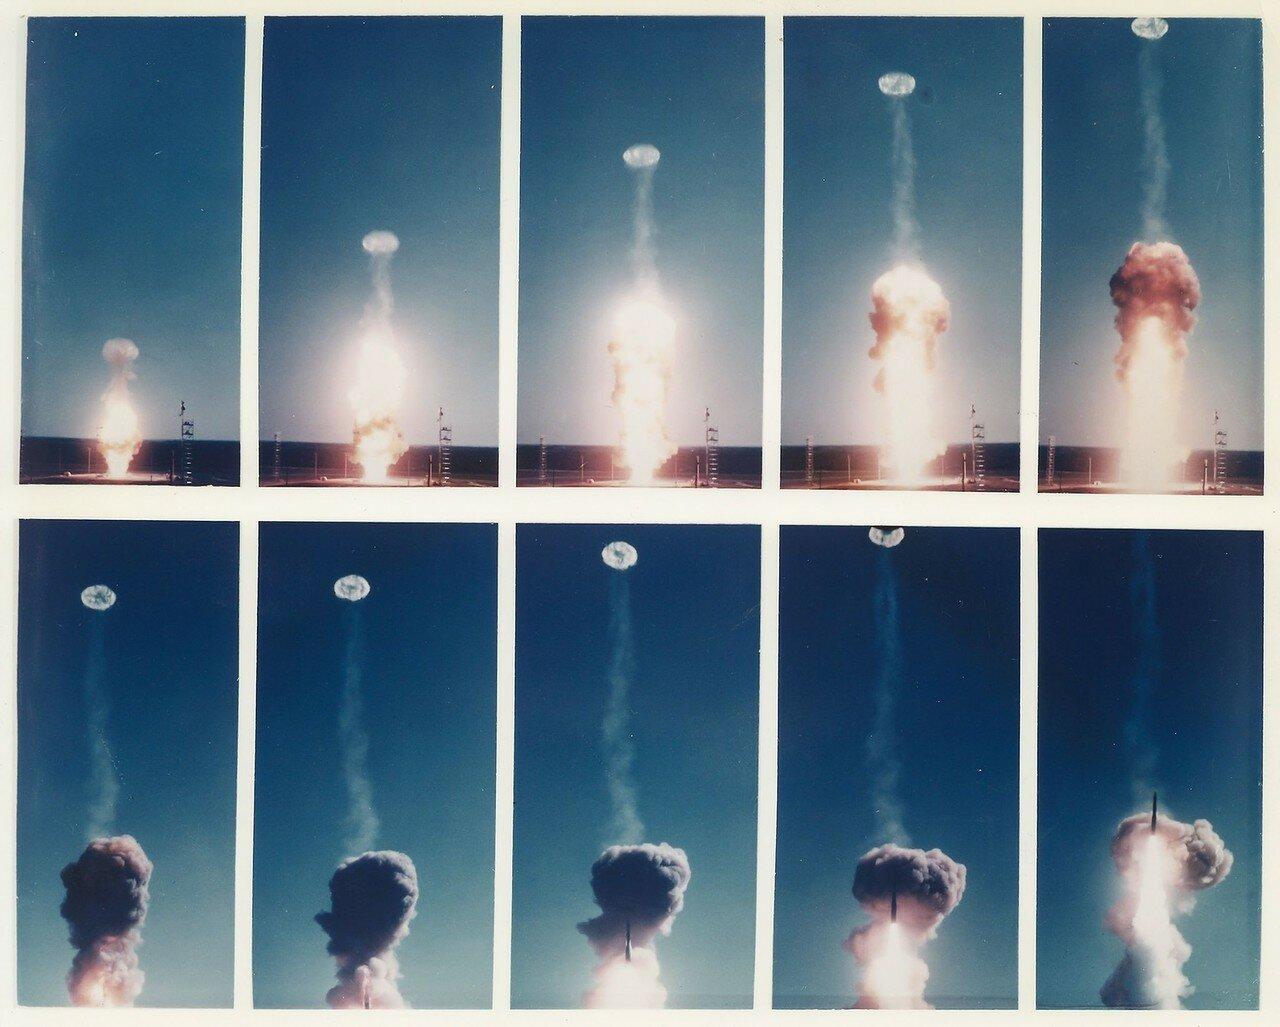 13. 1959, март.  Снимки запуска ракет «Минитмен-миссайл» на мысе Канаверал